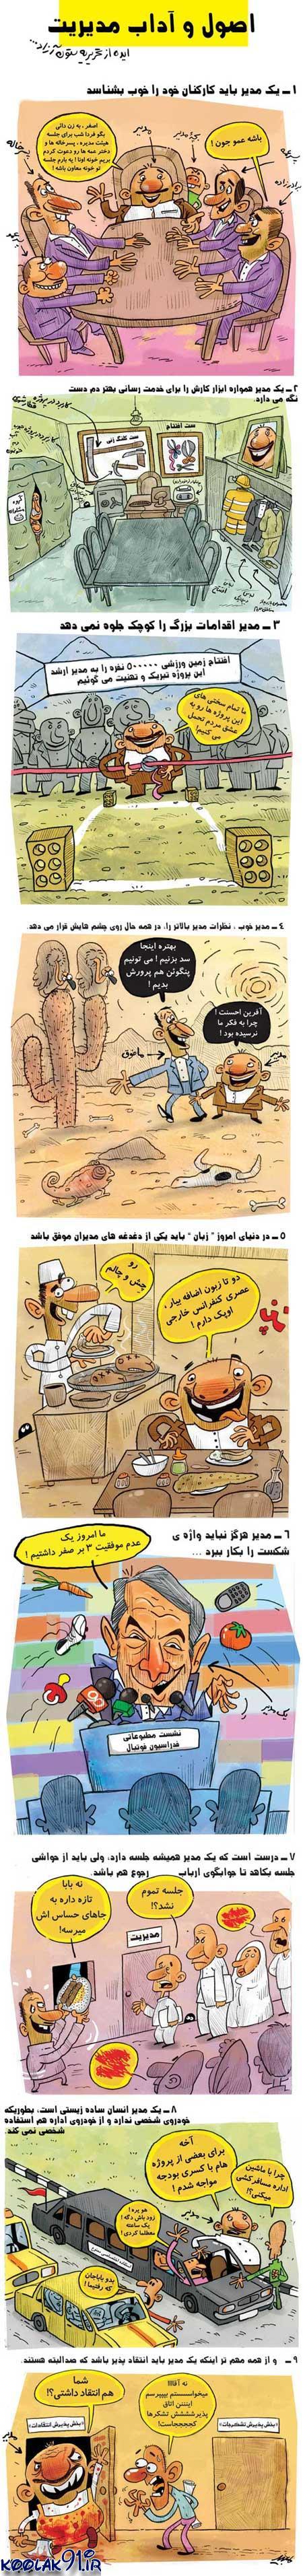 کاریکاتور اصول مدیریت-طنز اجتماعی